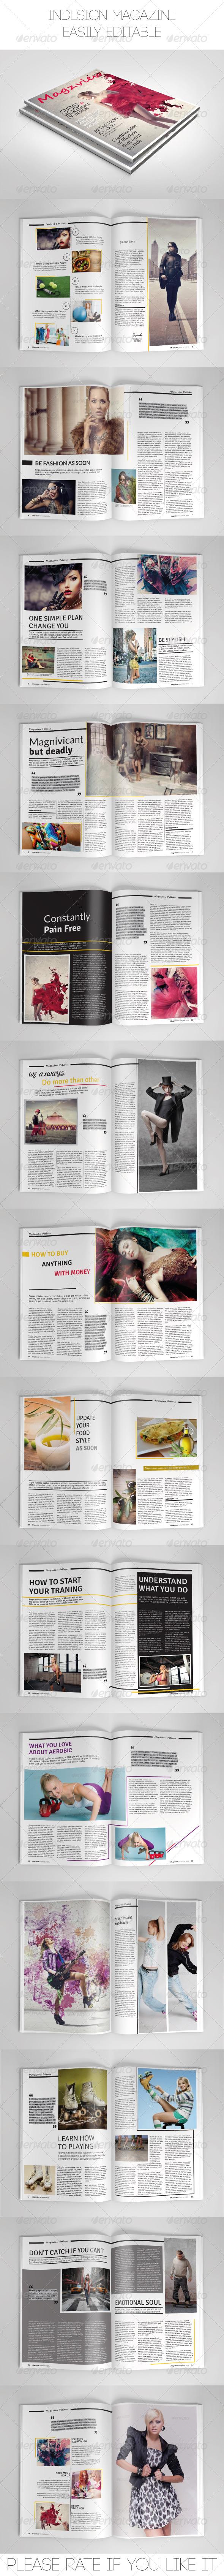 Magzview Magazine Template